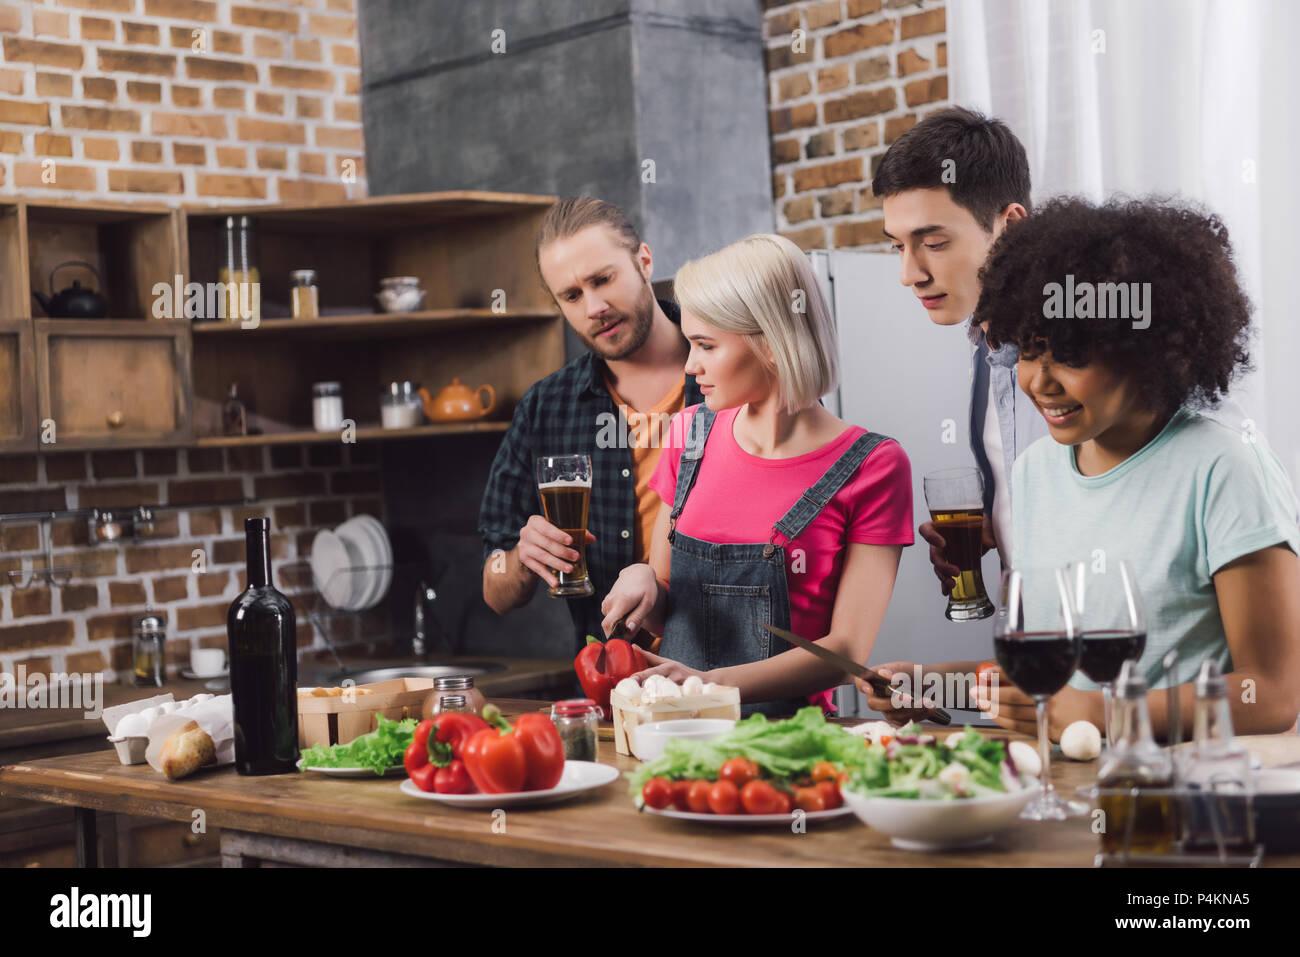 Männer mit Bier, wie multiethnischen Mädchen kochen Stockbild